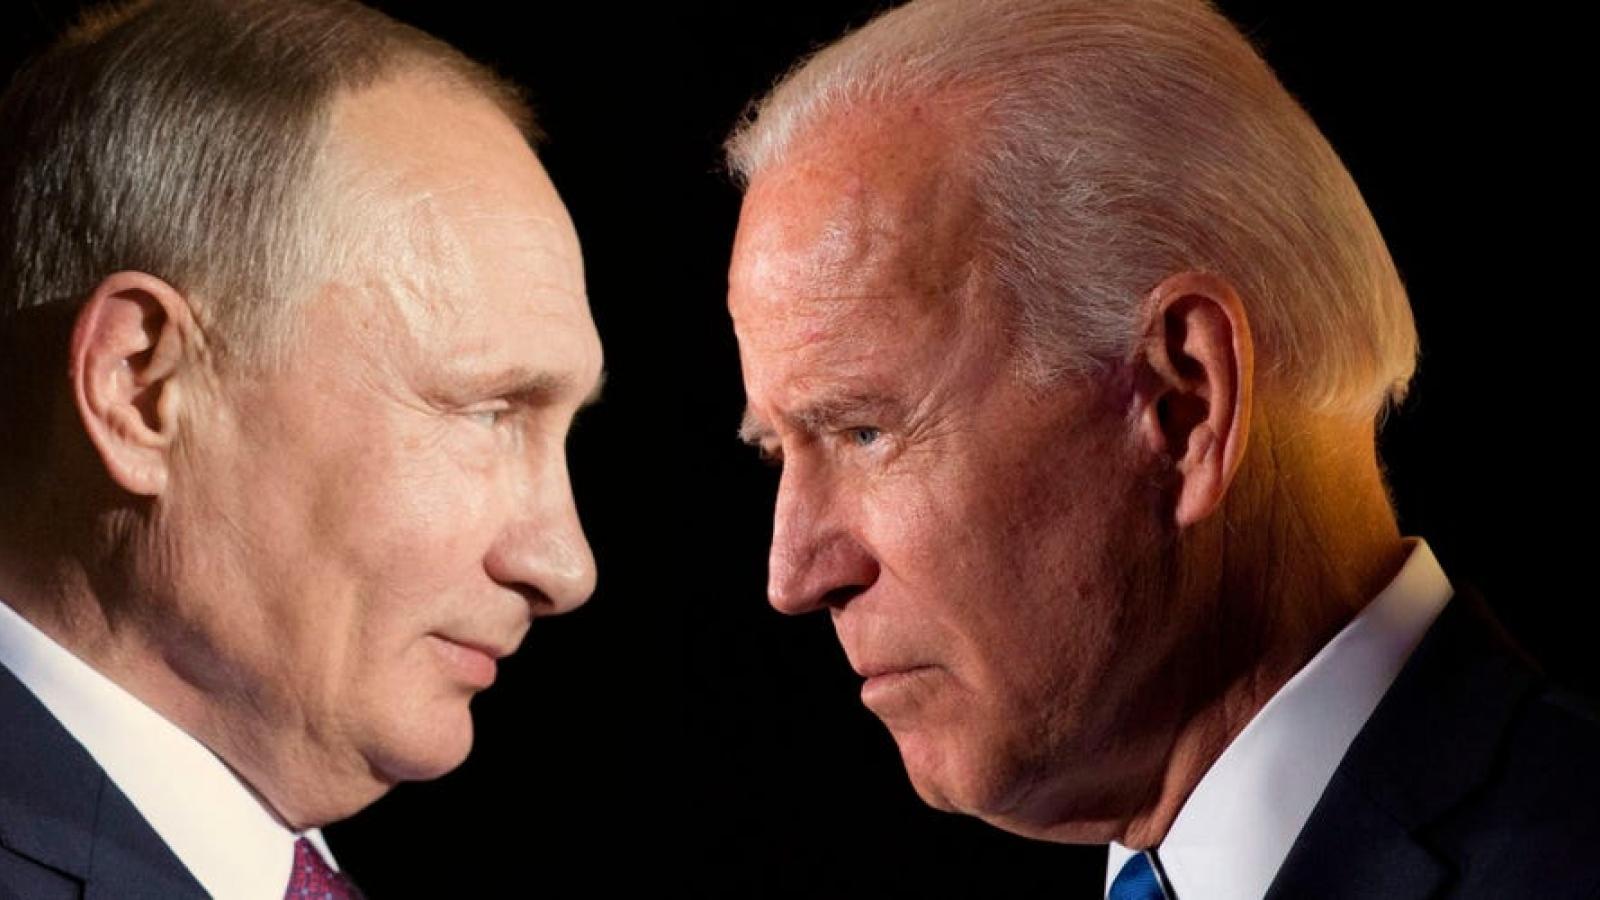 Điện Kremlin: Thượng đỉnh Nga-Mỹ phụ thuộc vào hành động của Mỹ